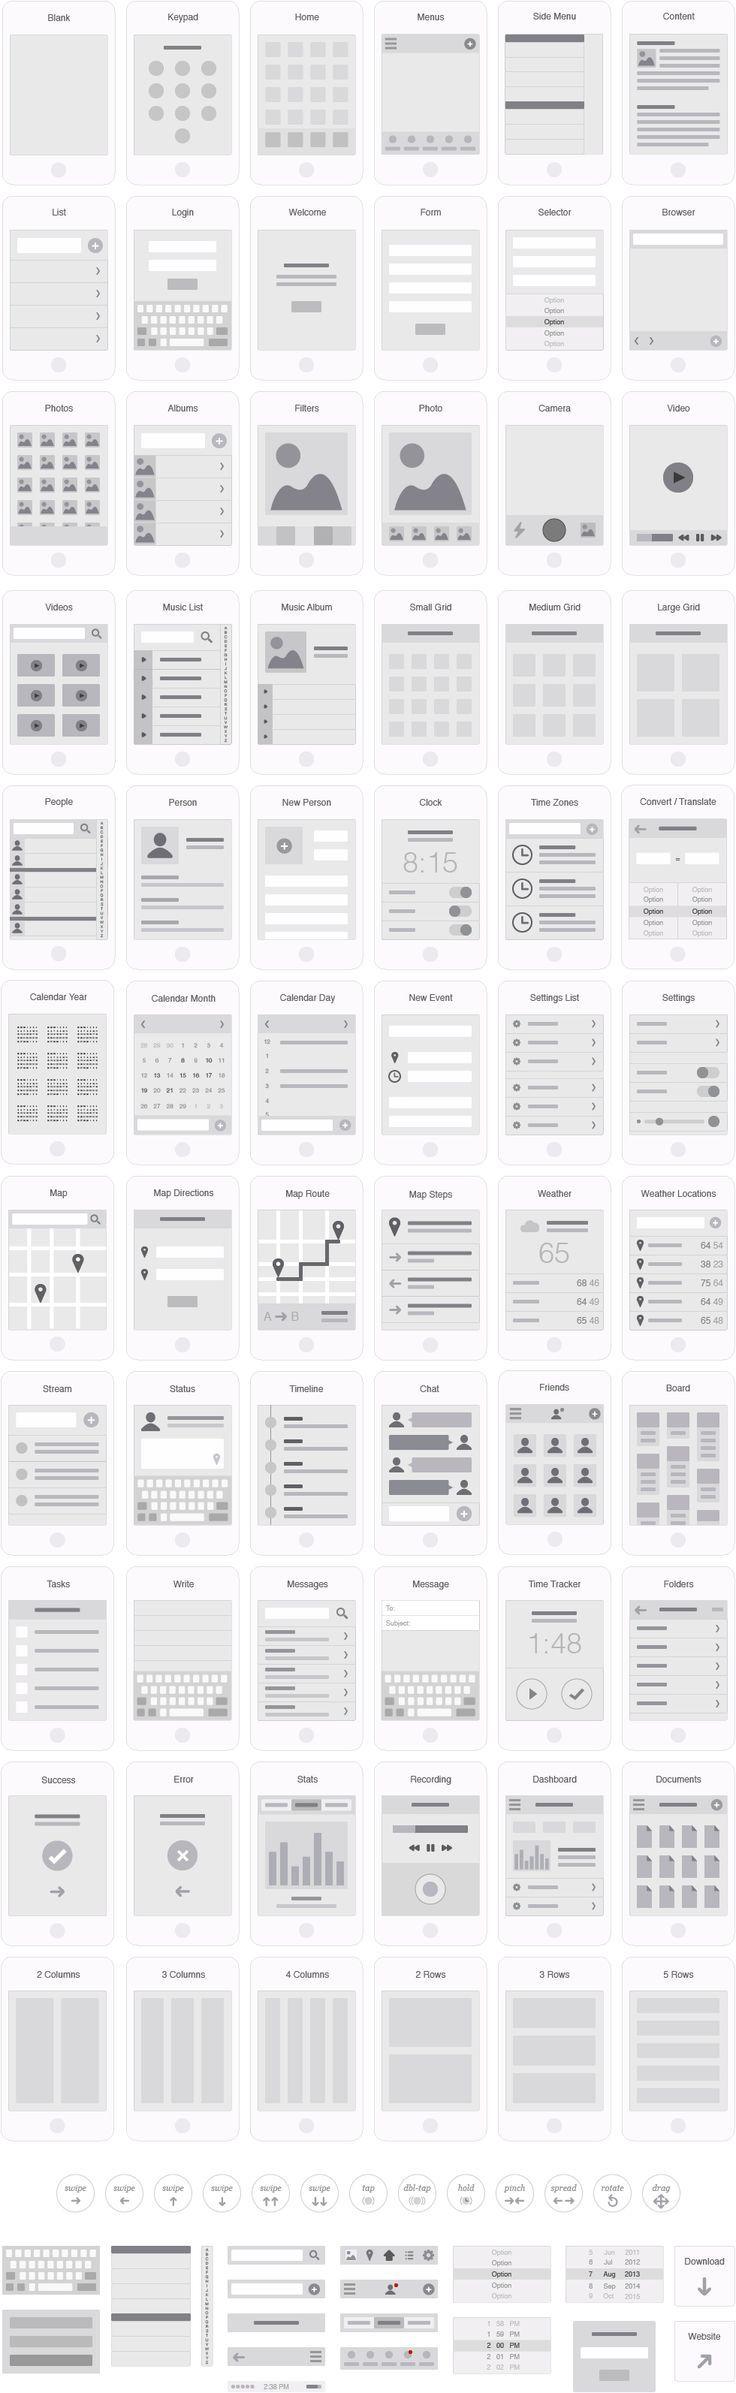 mobile app visual flowchart illustrator template ux kits ux webdesign design pinterest. Black Bedroom Furniture Sets. Home Design Ideas